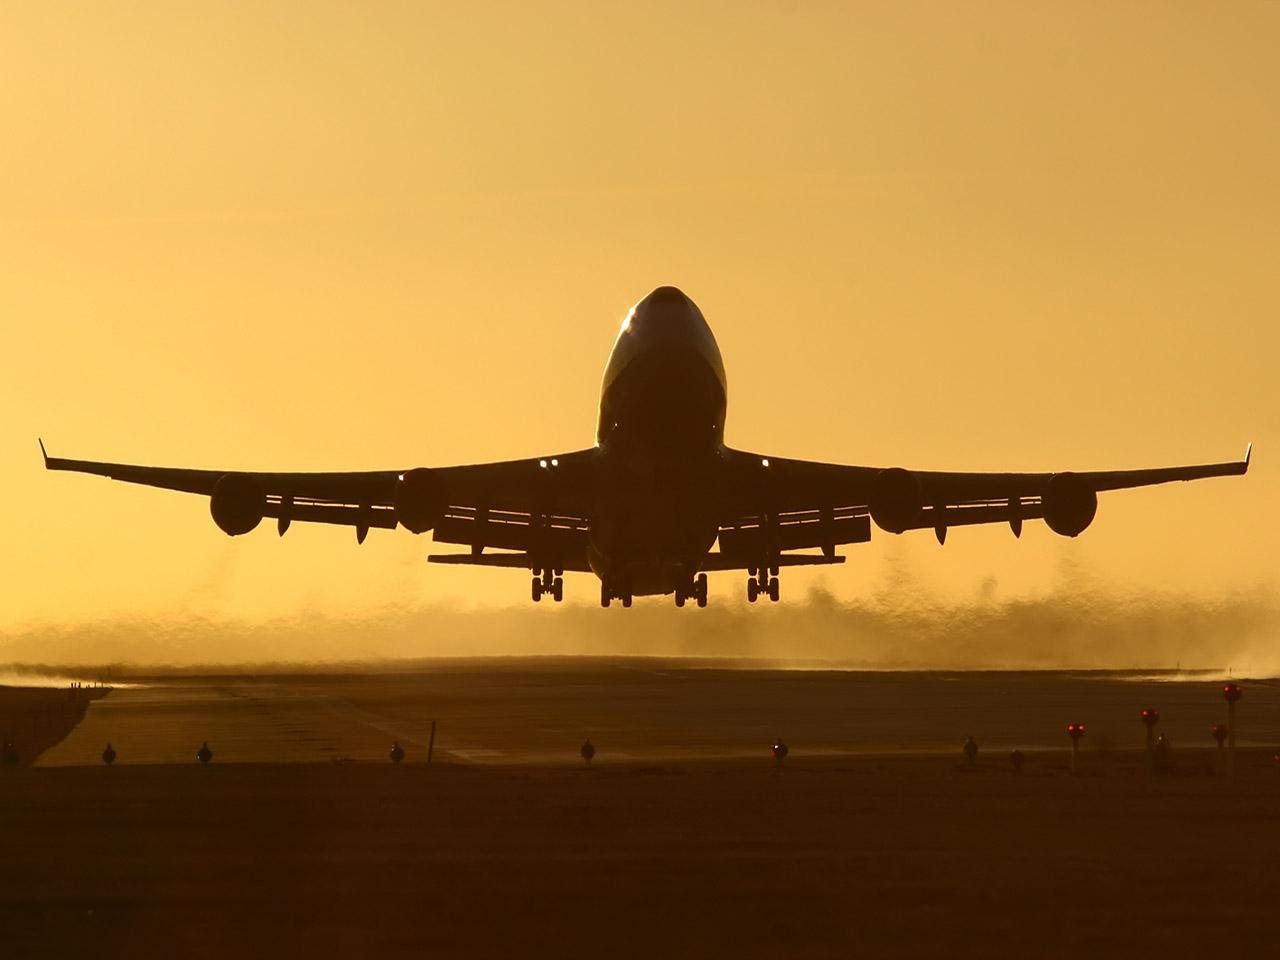 Airplane Take Off Wallpaper Take Off Airplane Flight Land 1280x960